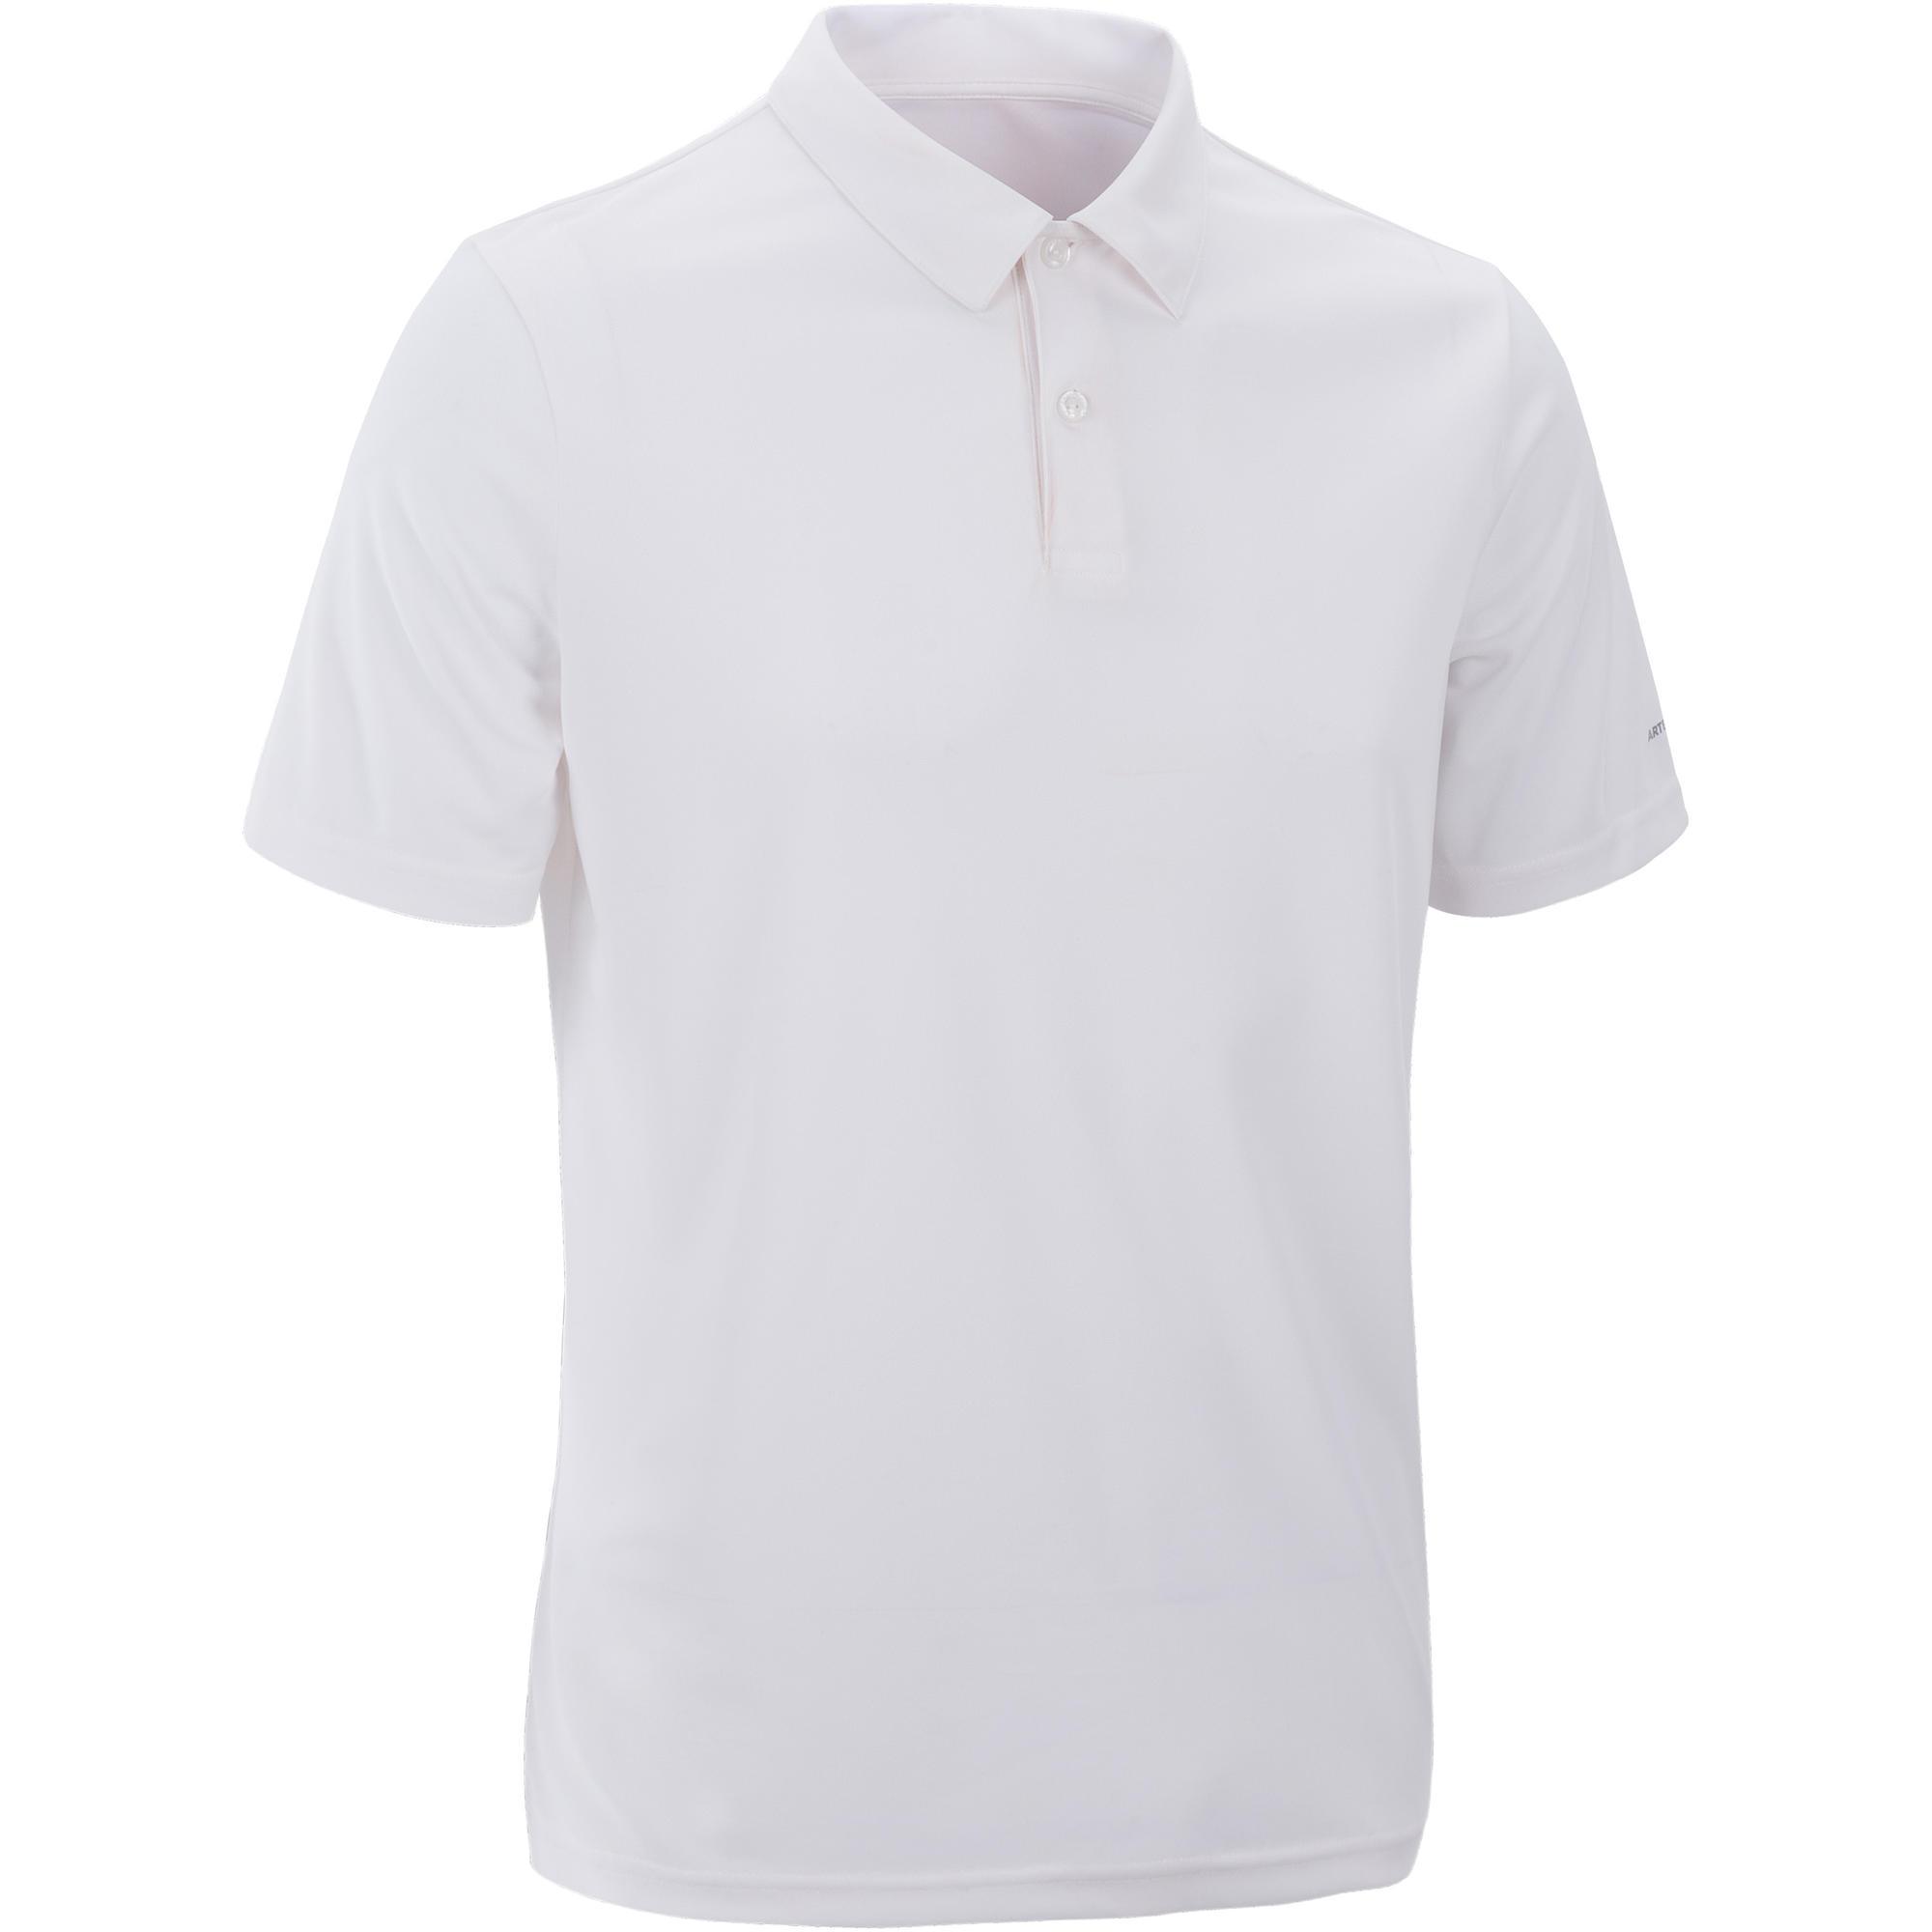 b185d8da T shirts / Polo shirts | artengo